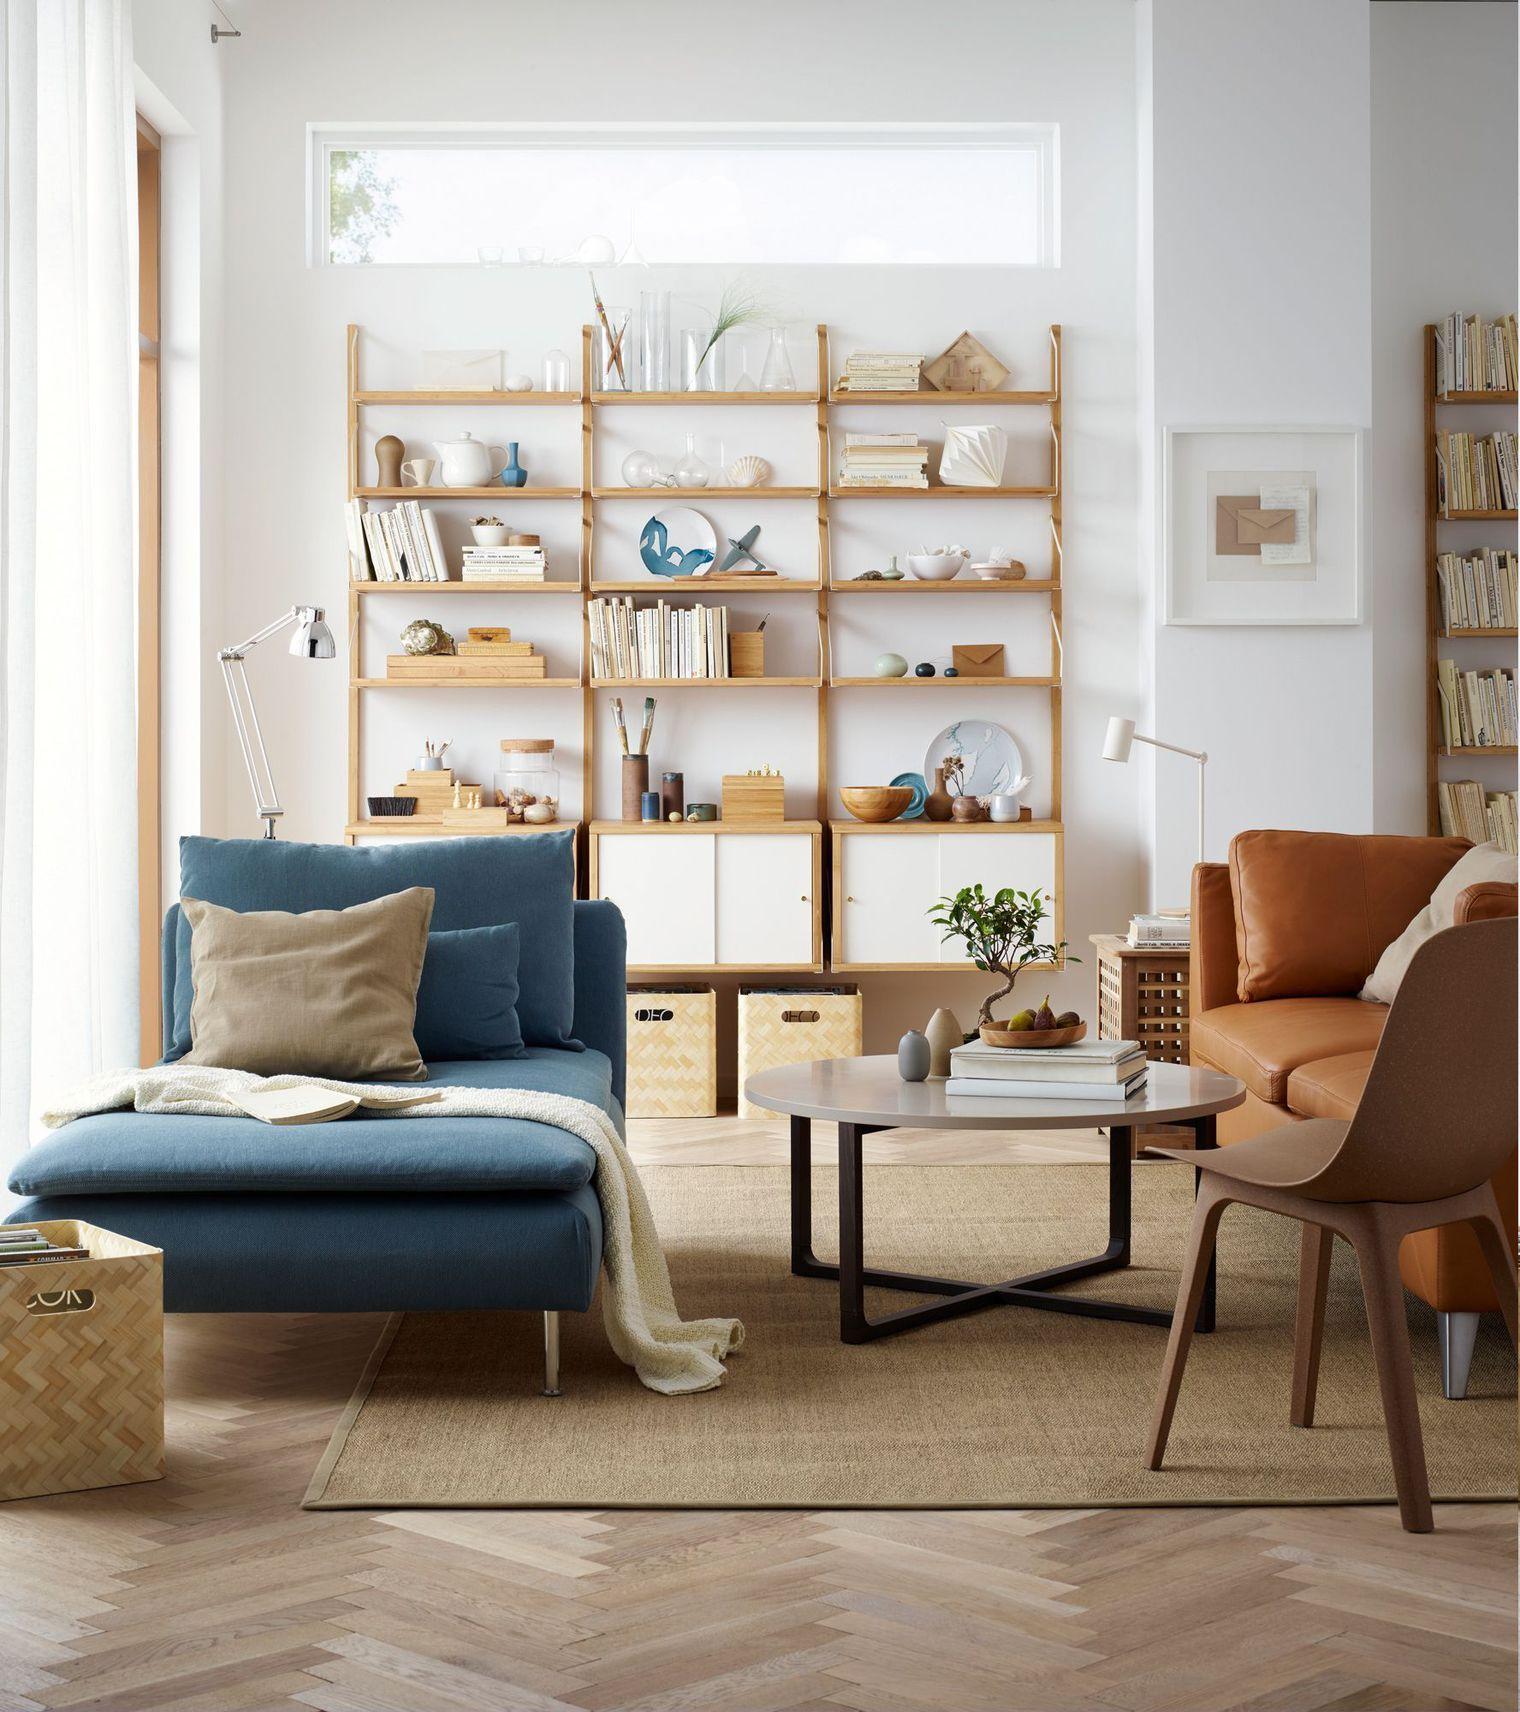 c759bfc6cbab53cc0383545550408a42 Incroyable De Table Balcon Suspendue Ikea Concept